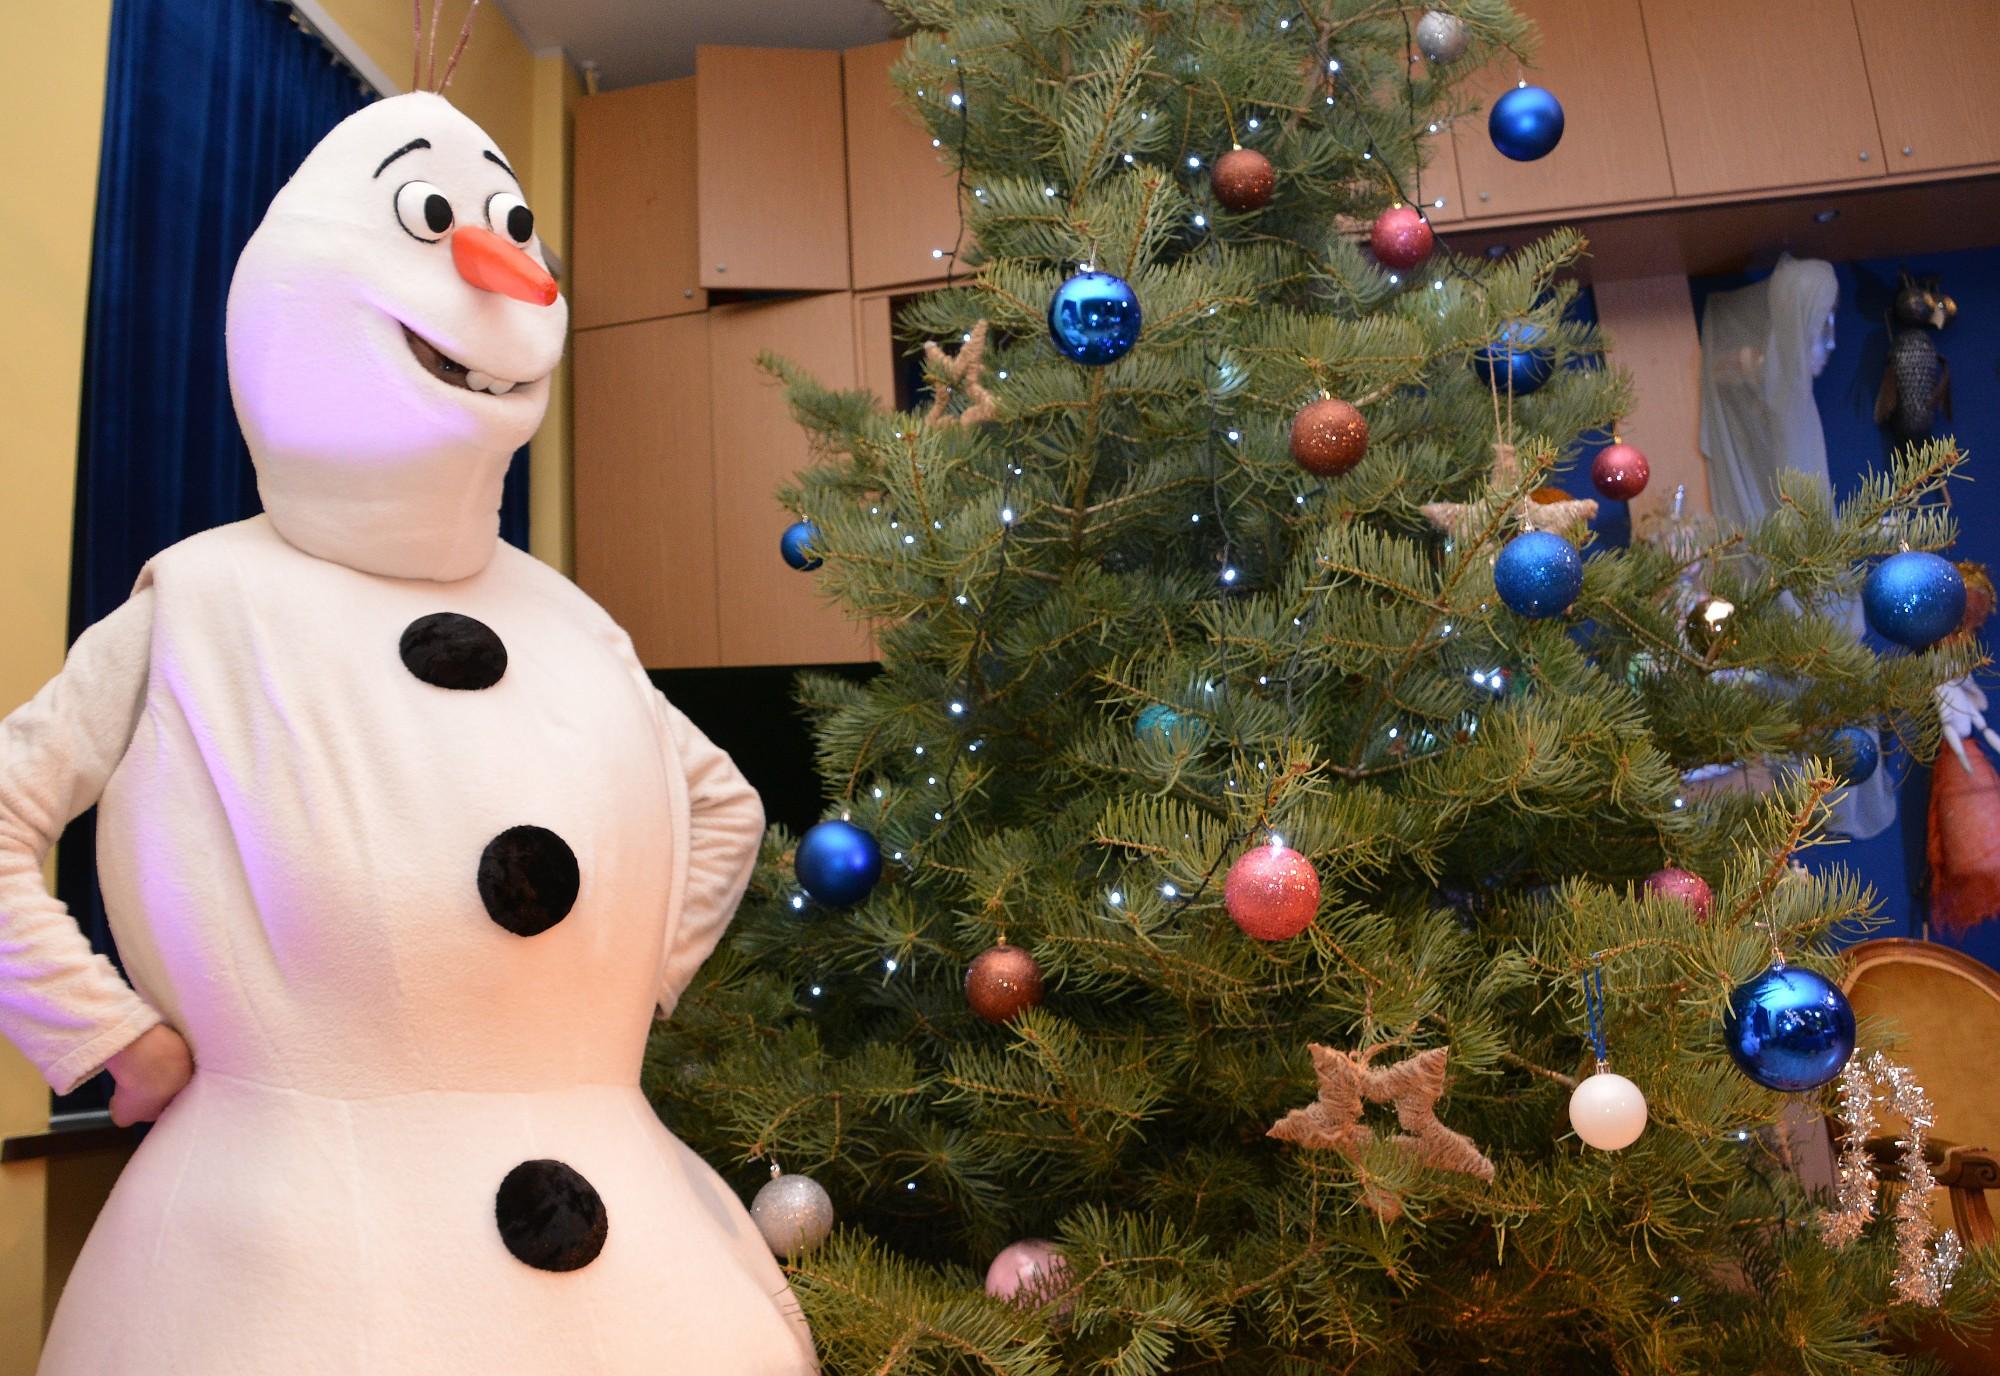 Lai cilvēki sajūt svētkus nākam. Redzamas pirmās Ziemassvētku eglītes